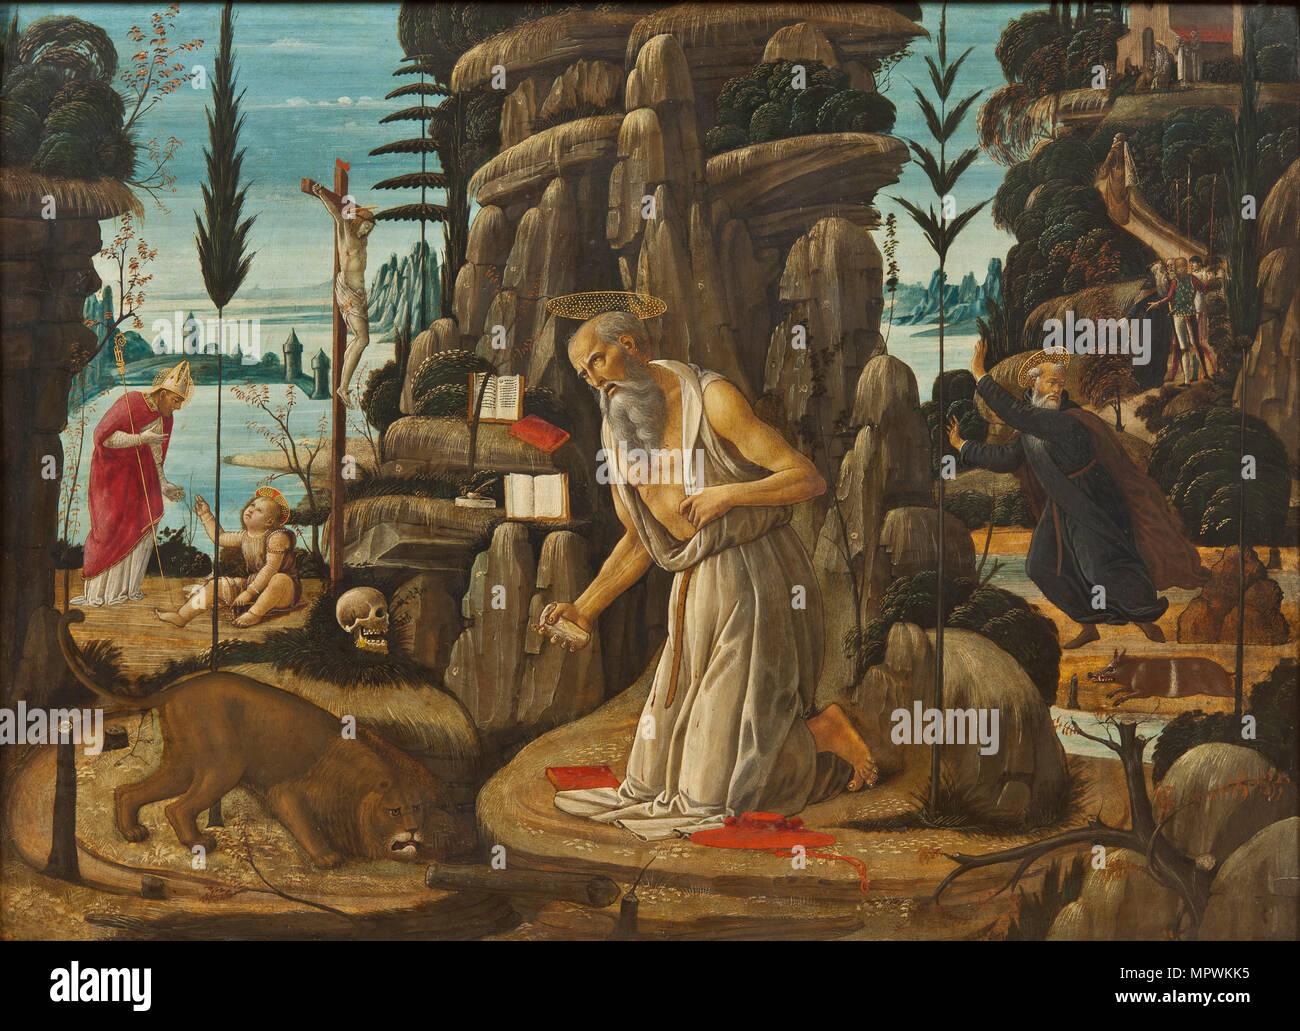 The Penitent Saint Jerome. - Stock Image